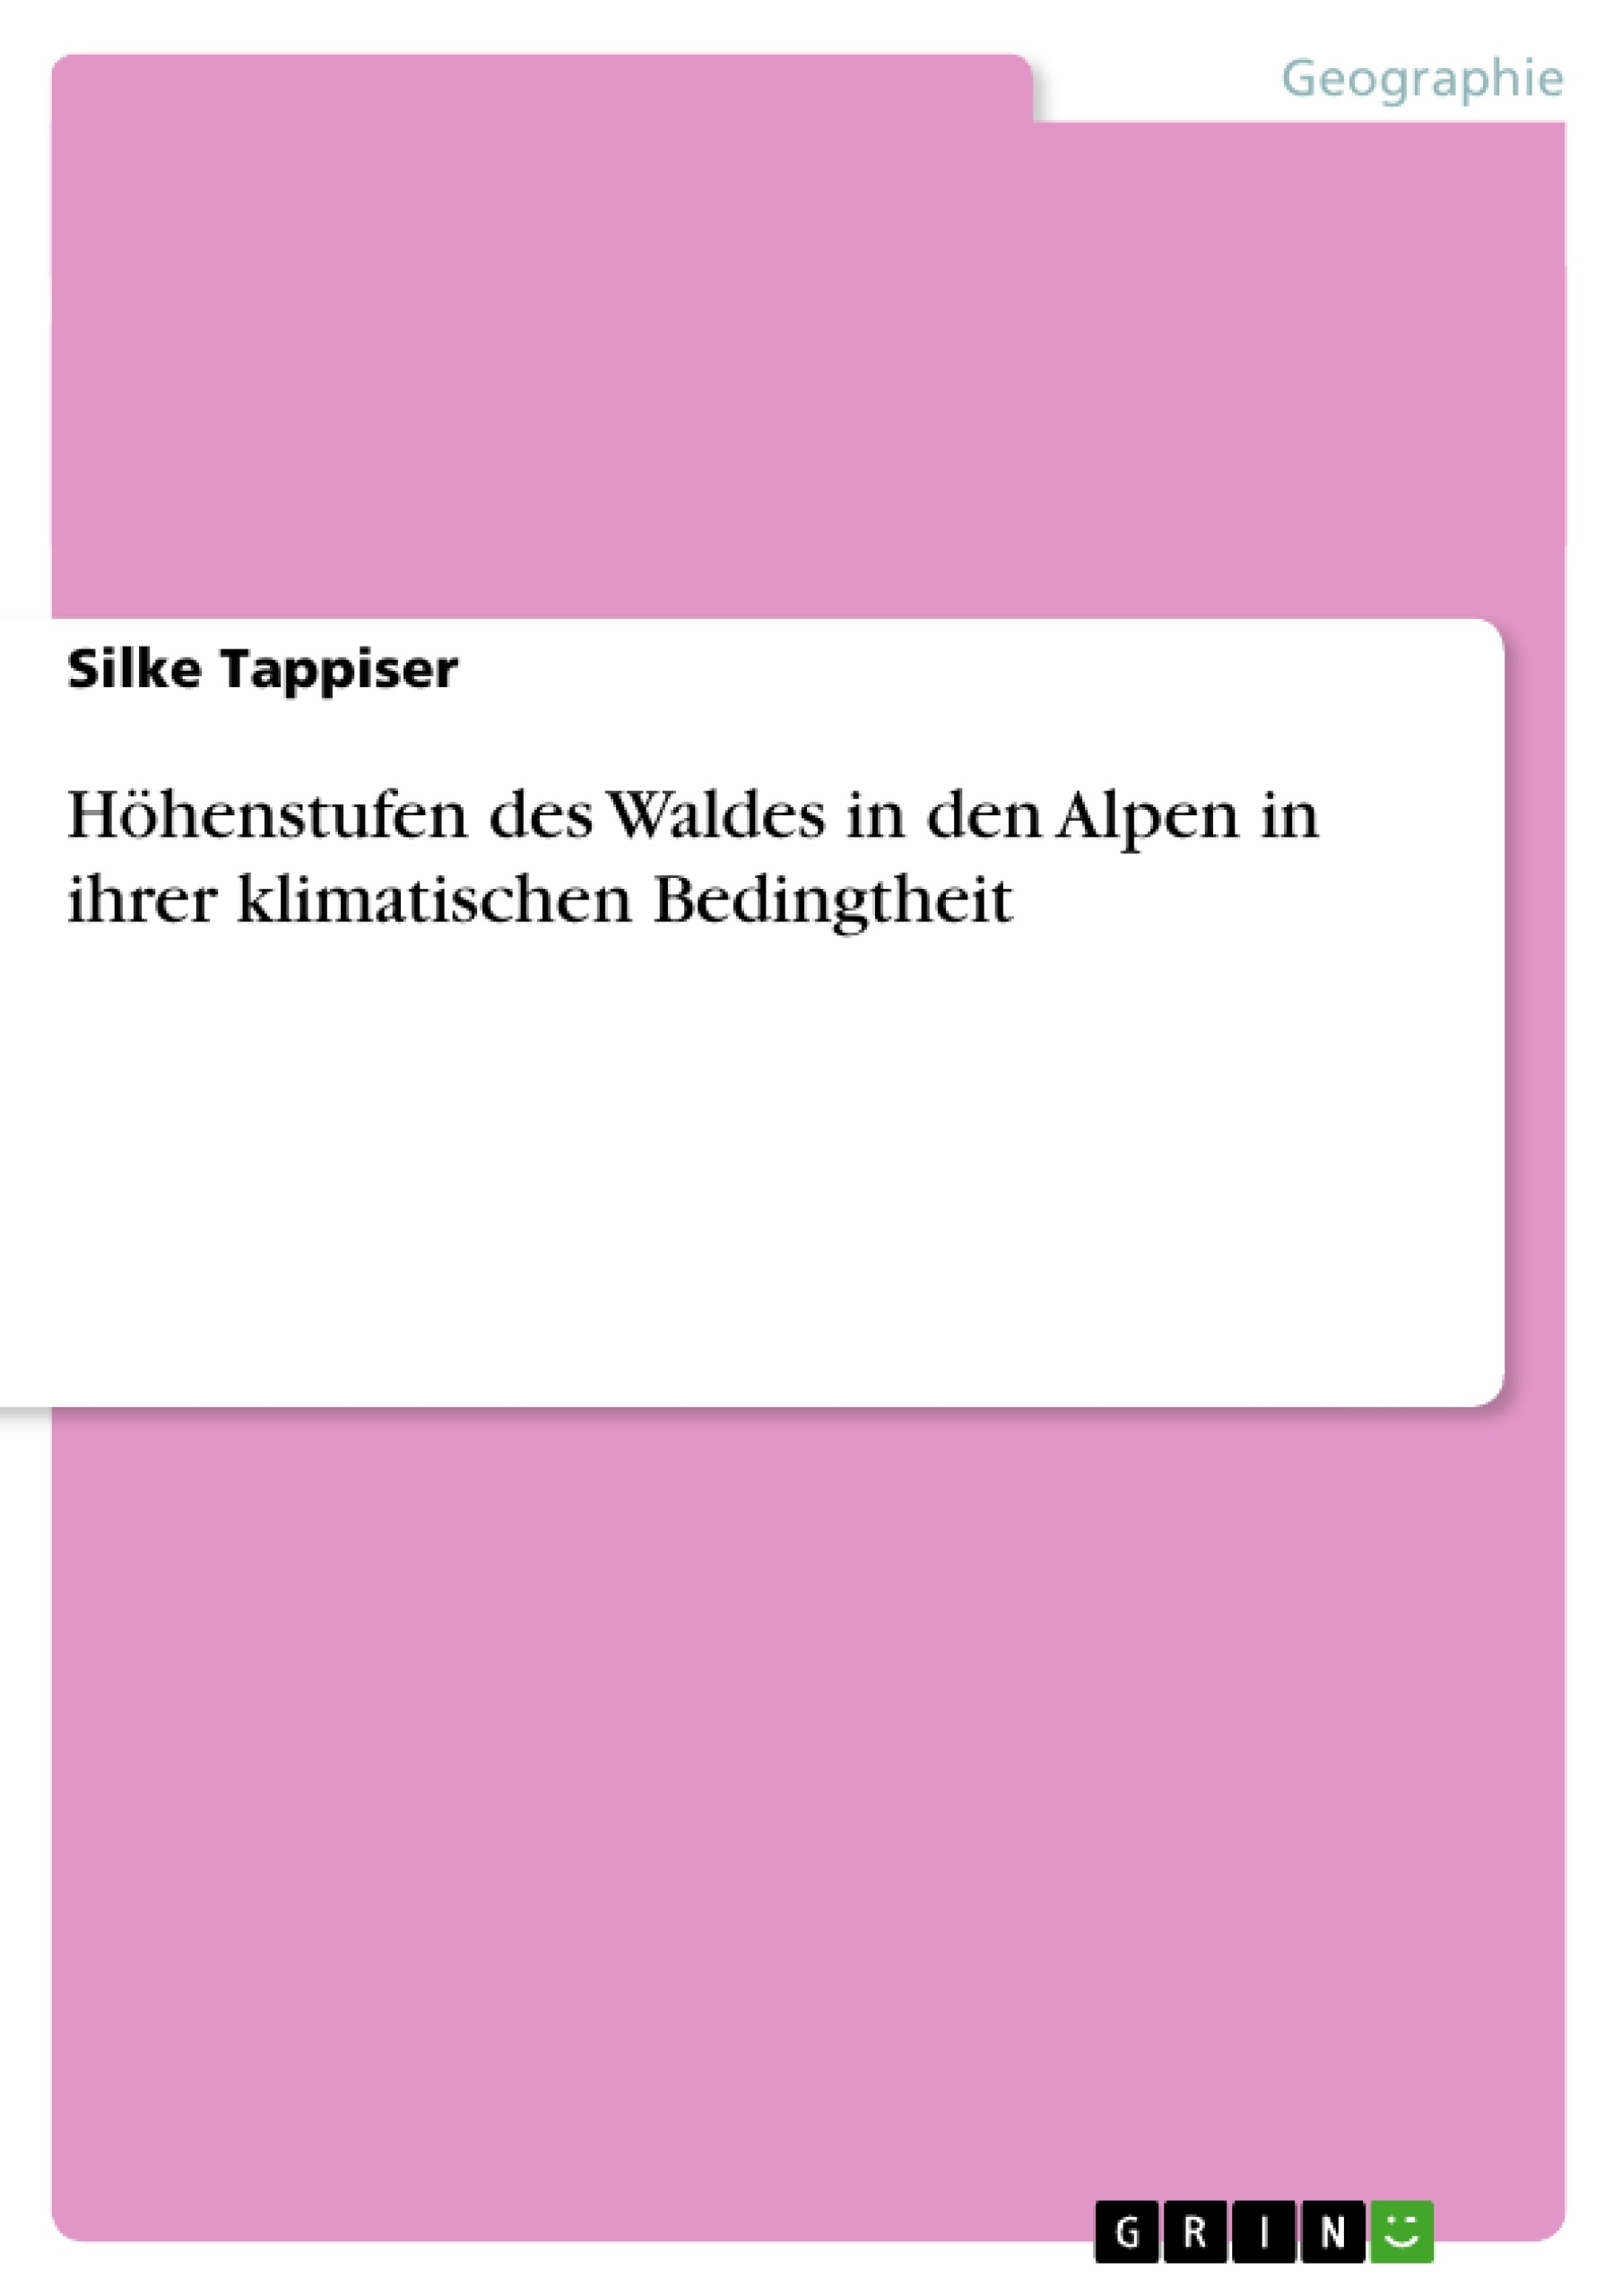 Titel: Höhenstufen des Waldes in den Alpen in ihrer klimatischen Bedingtheit